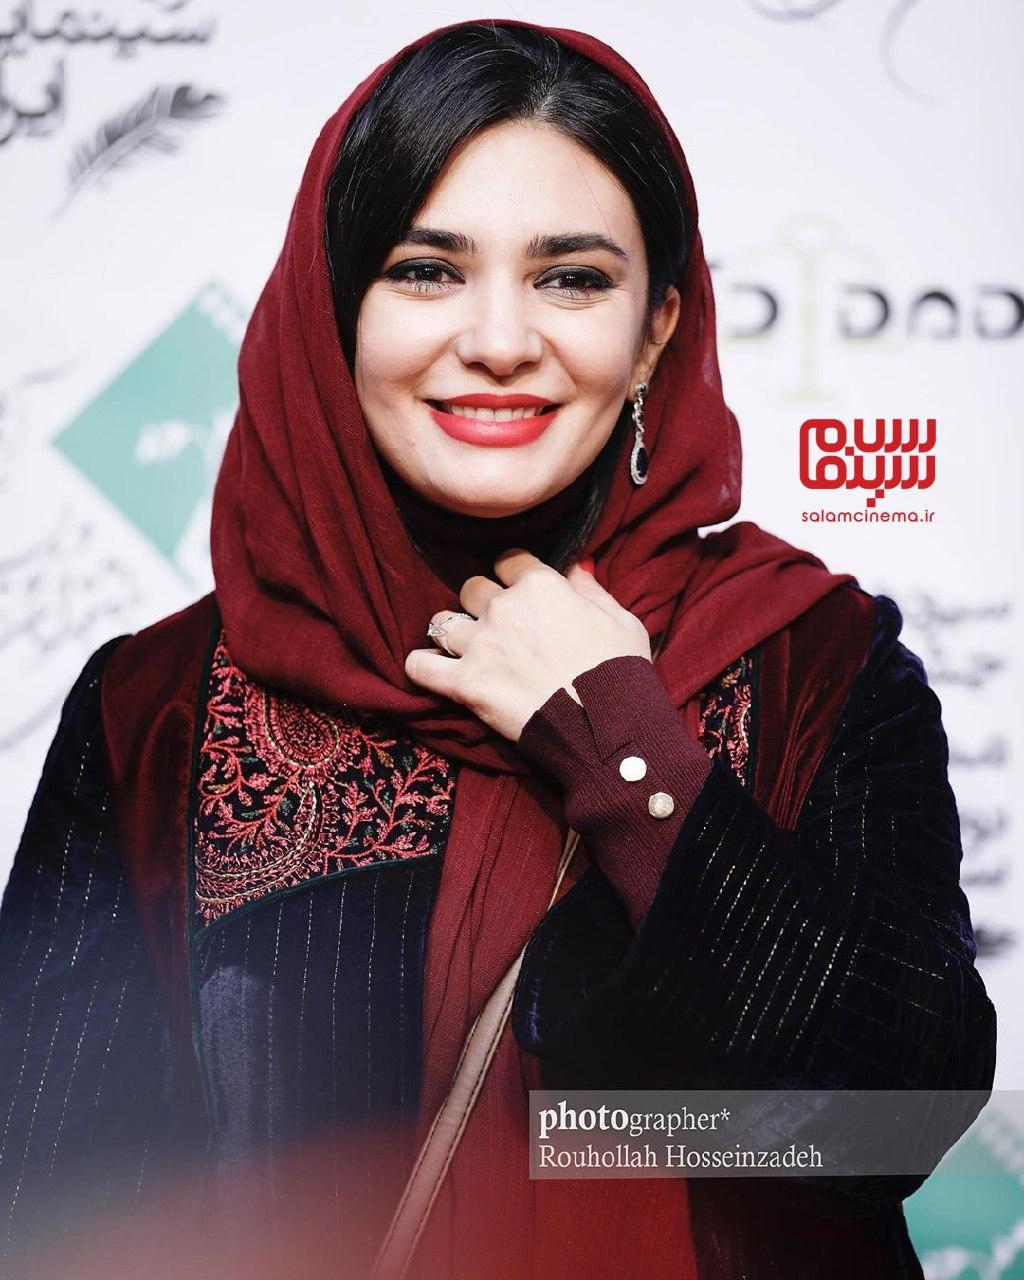 لیندا کیانی - سیزدهمین شب انجمن منتقدان و نویسندگان سینمای ایران